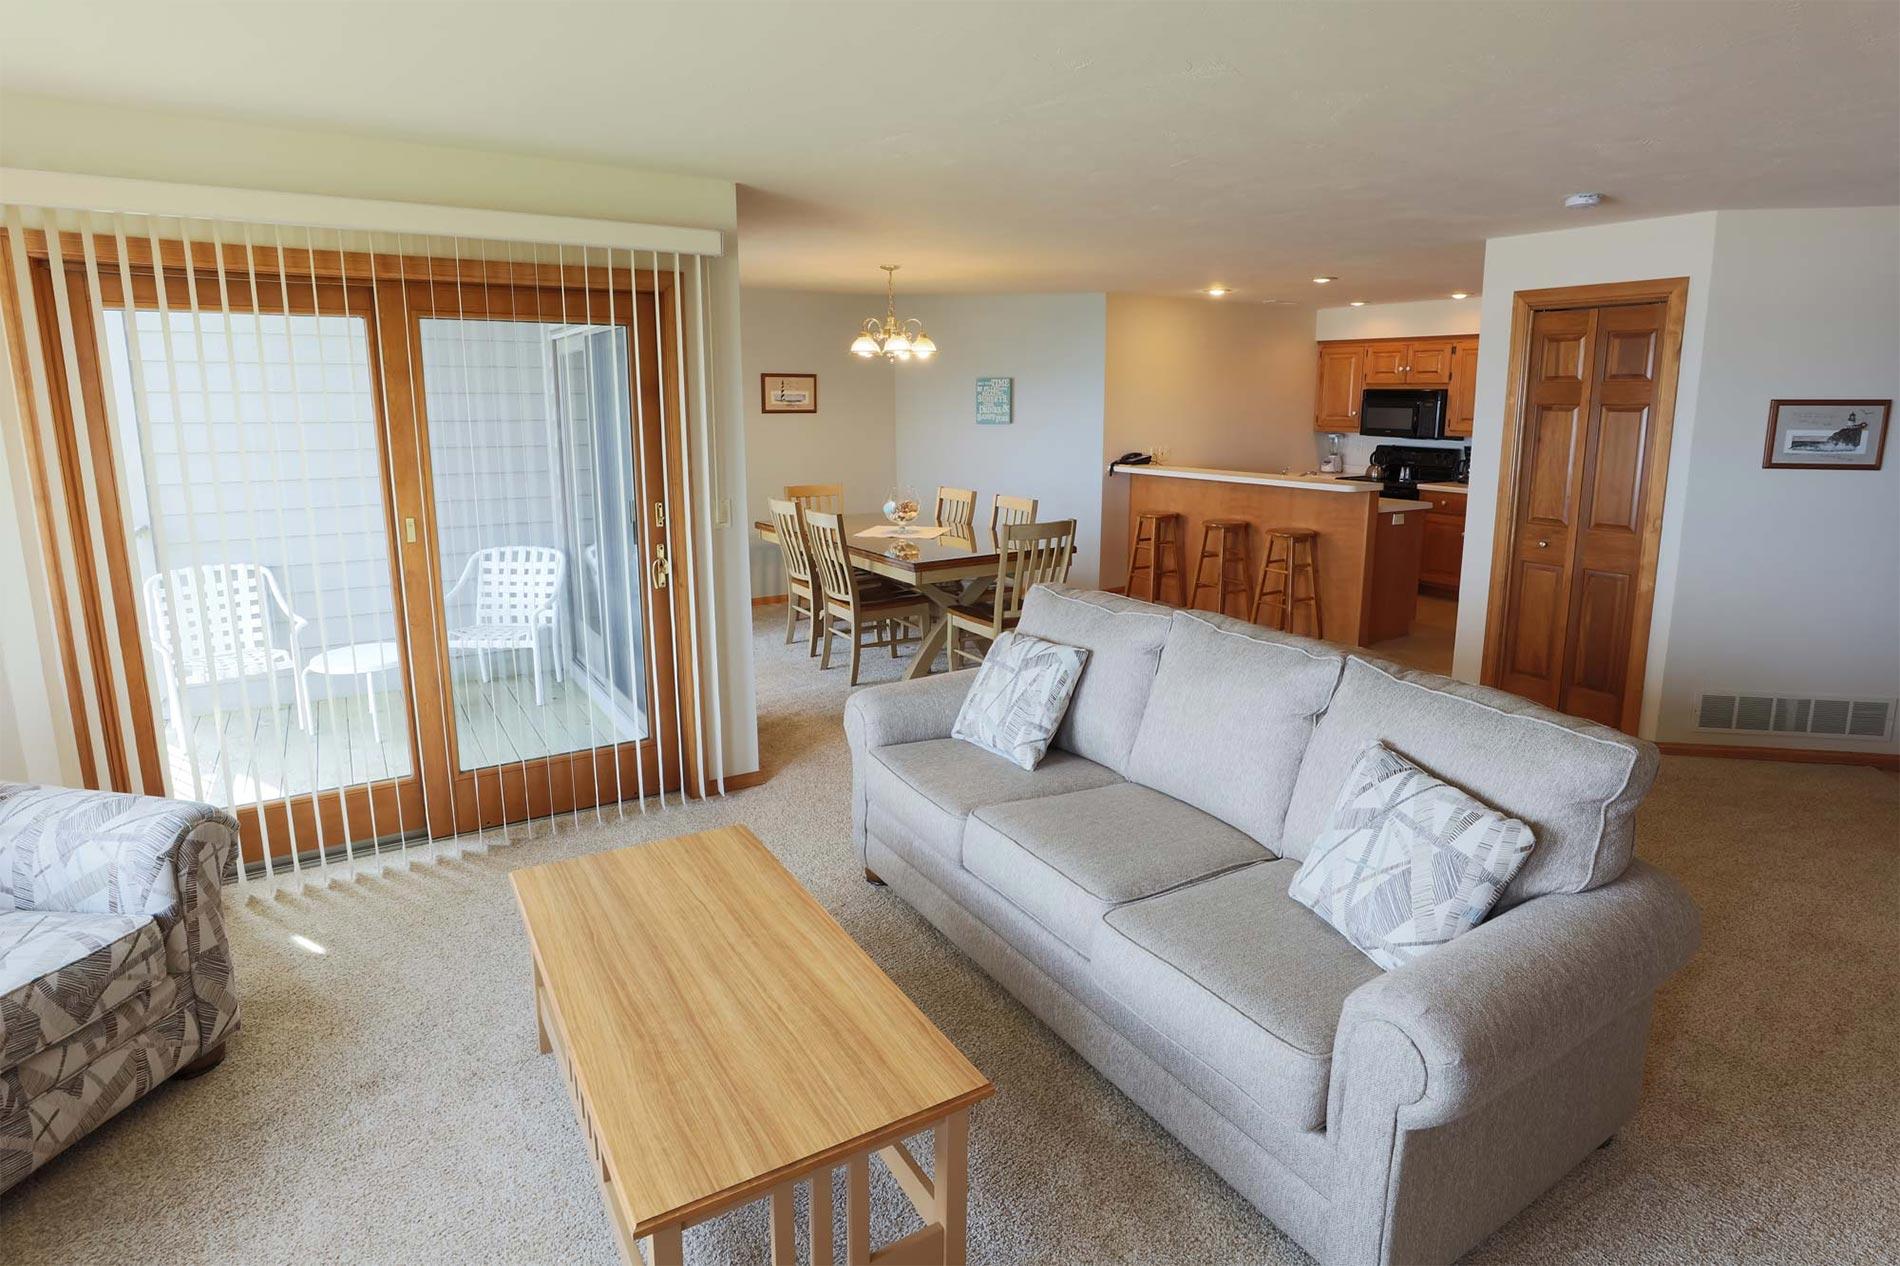 Living Room of 3 Bedroom Resort Suite at Door County Hotel Glidden Lodge